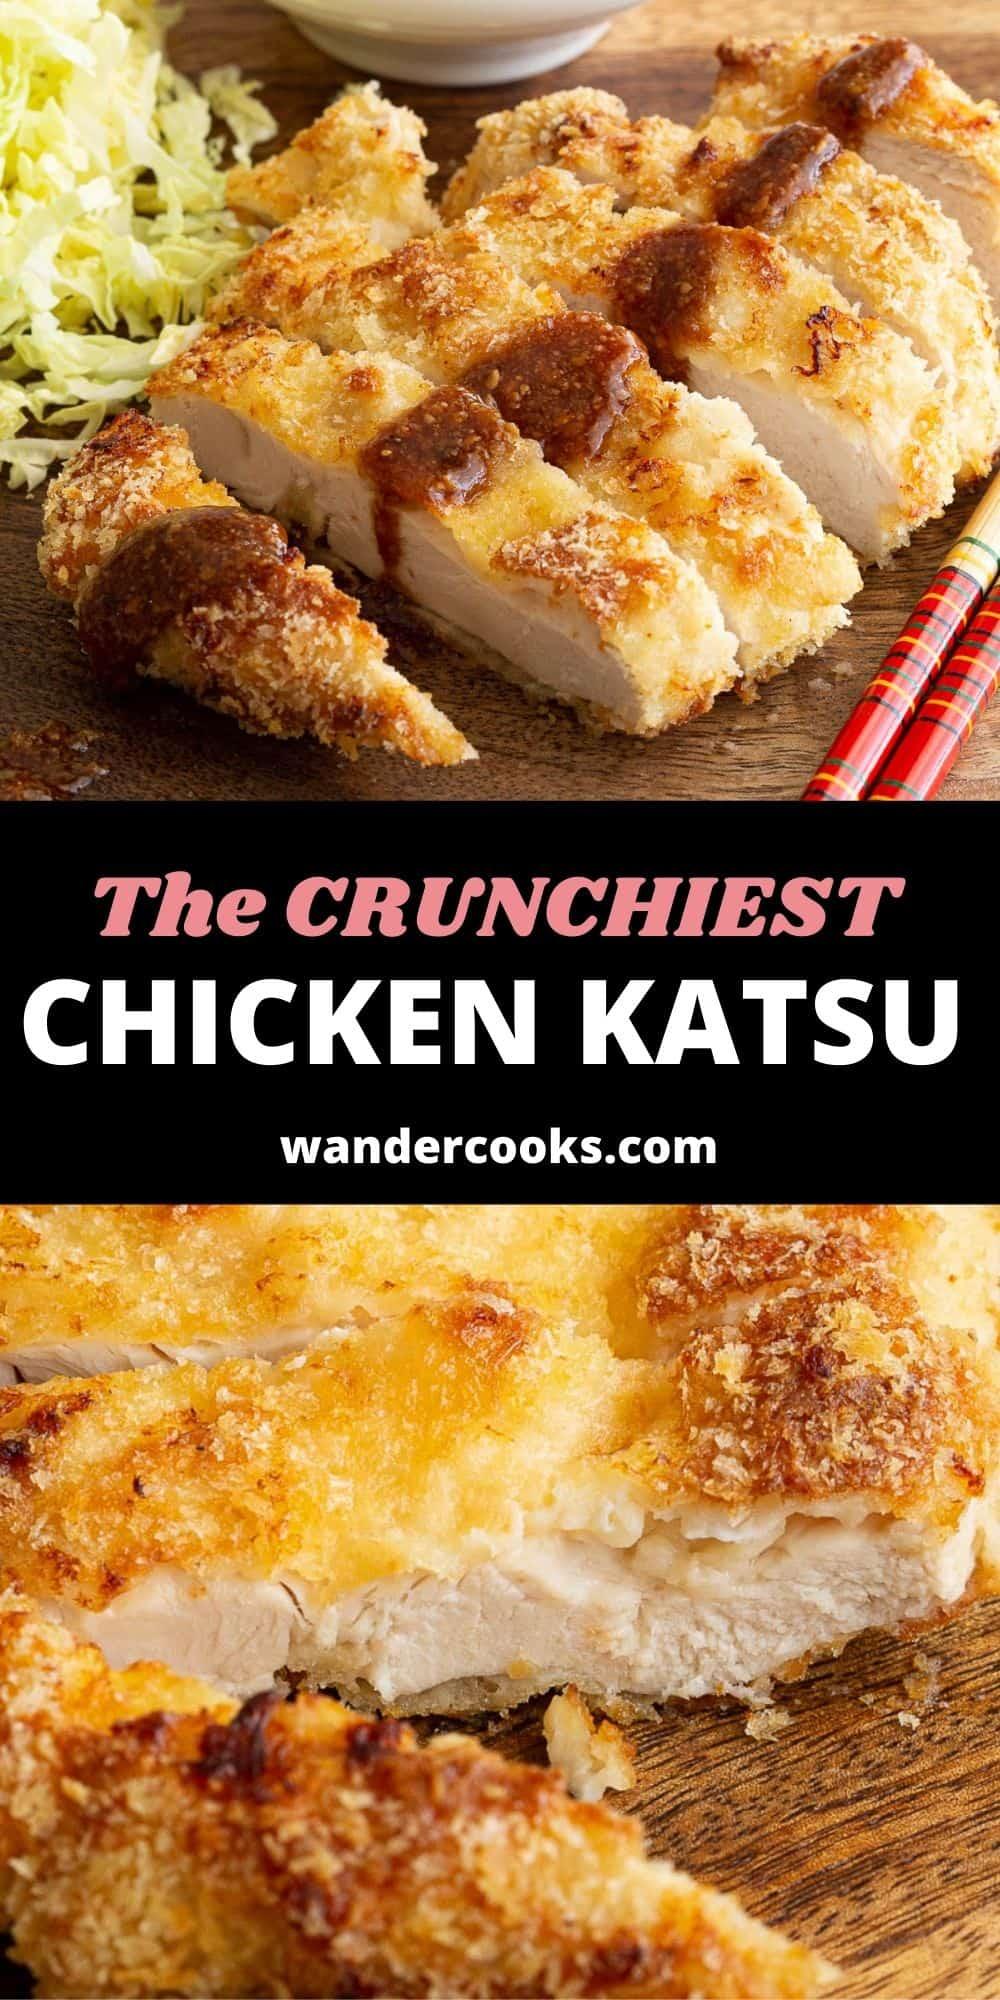 Easy Japanese Chicken Katsu - Air Fried Chicken Breast